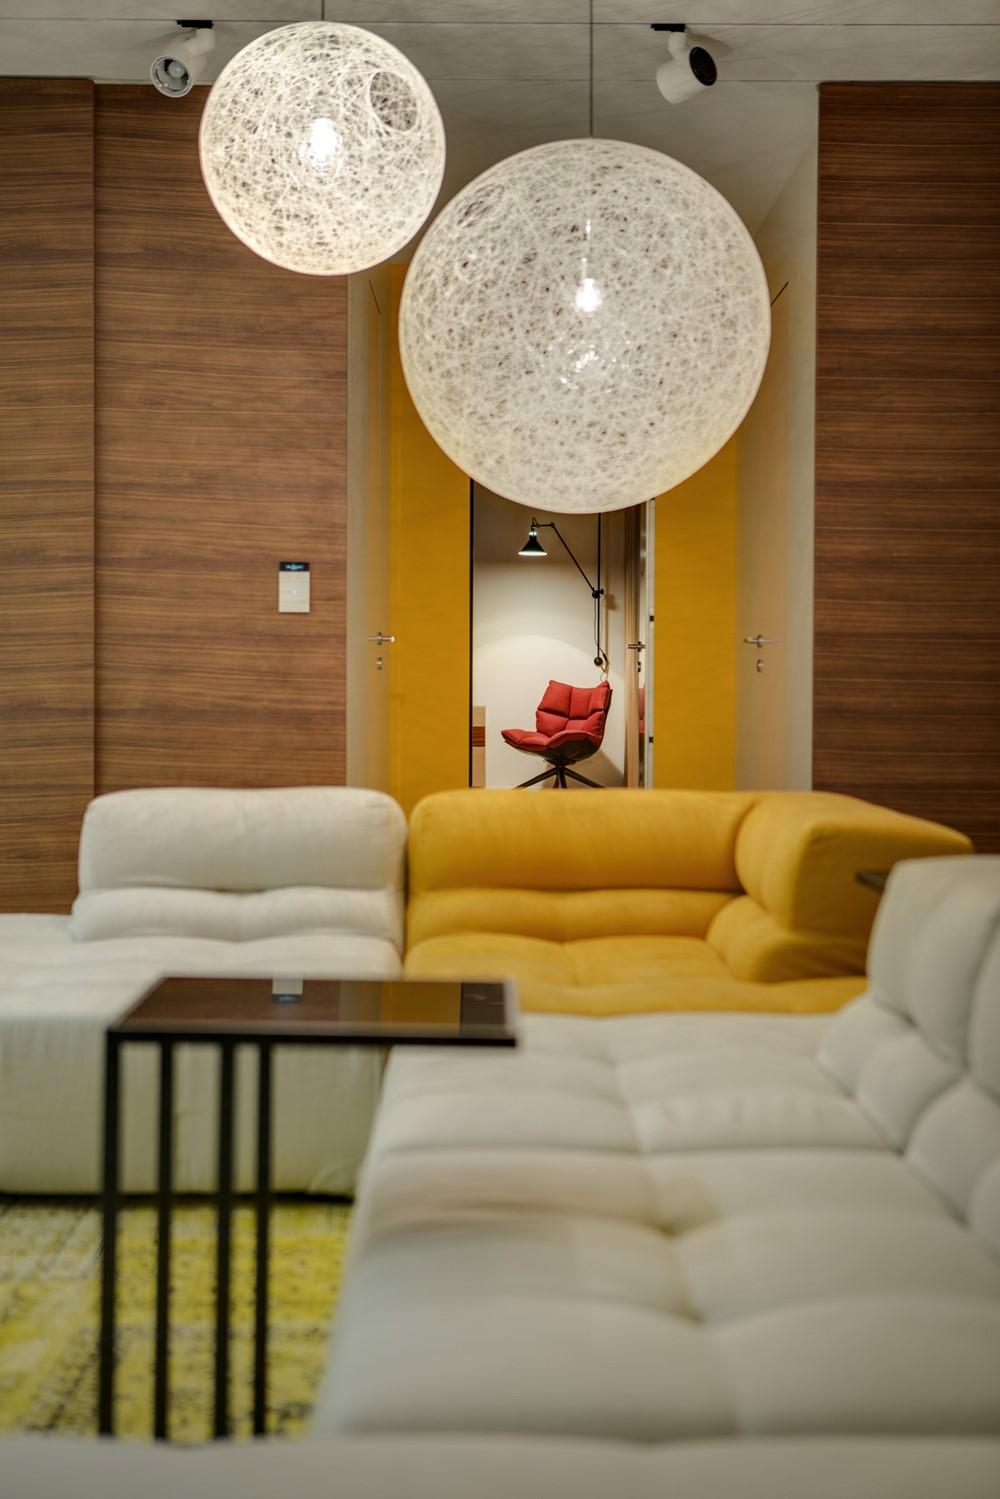 Современный дизайн интерьера гостиной квартиры